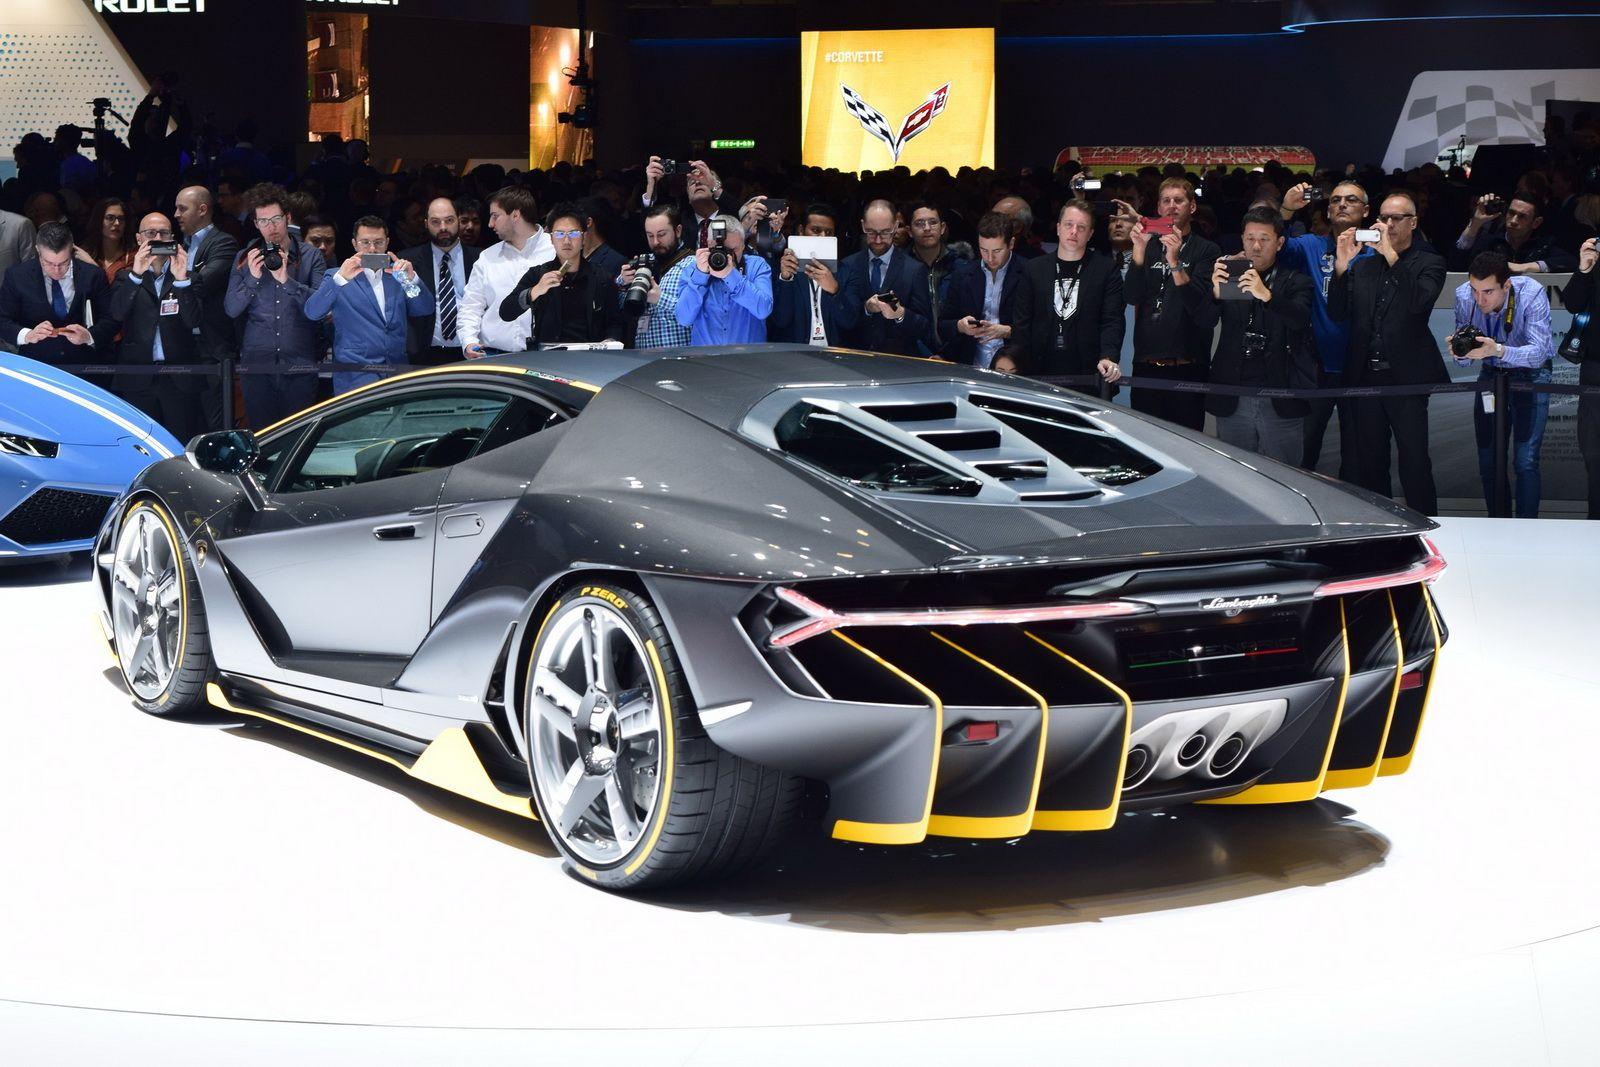 Lamborghini Centenario Making Uk Debut At Salon Prive Cars